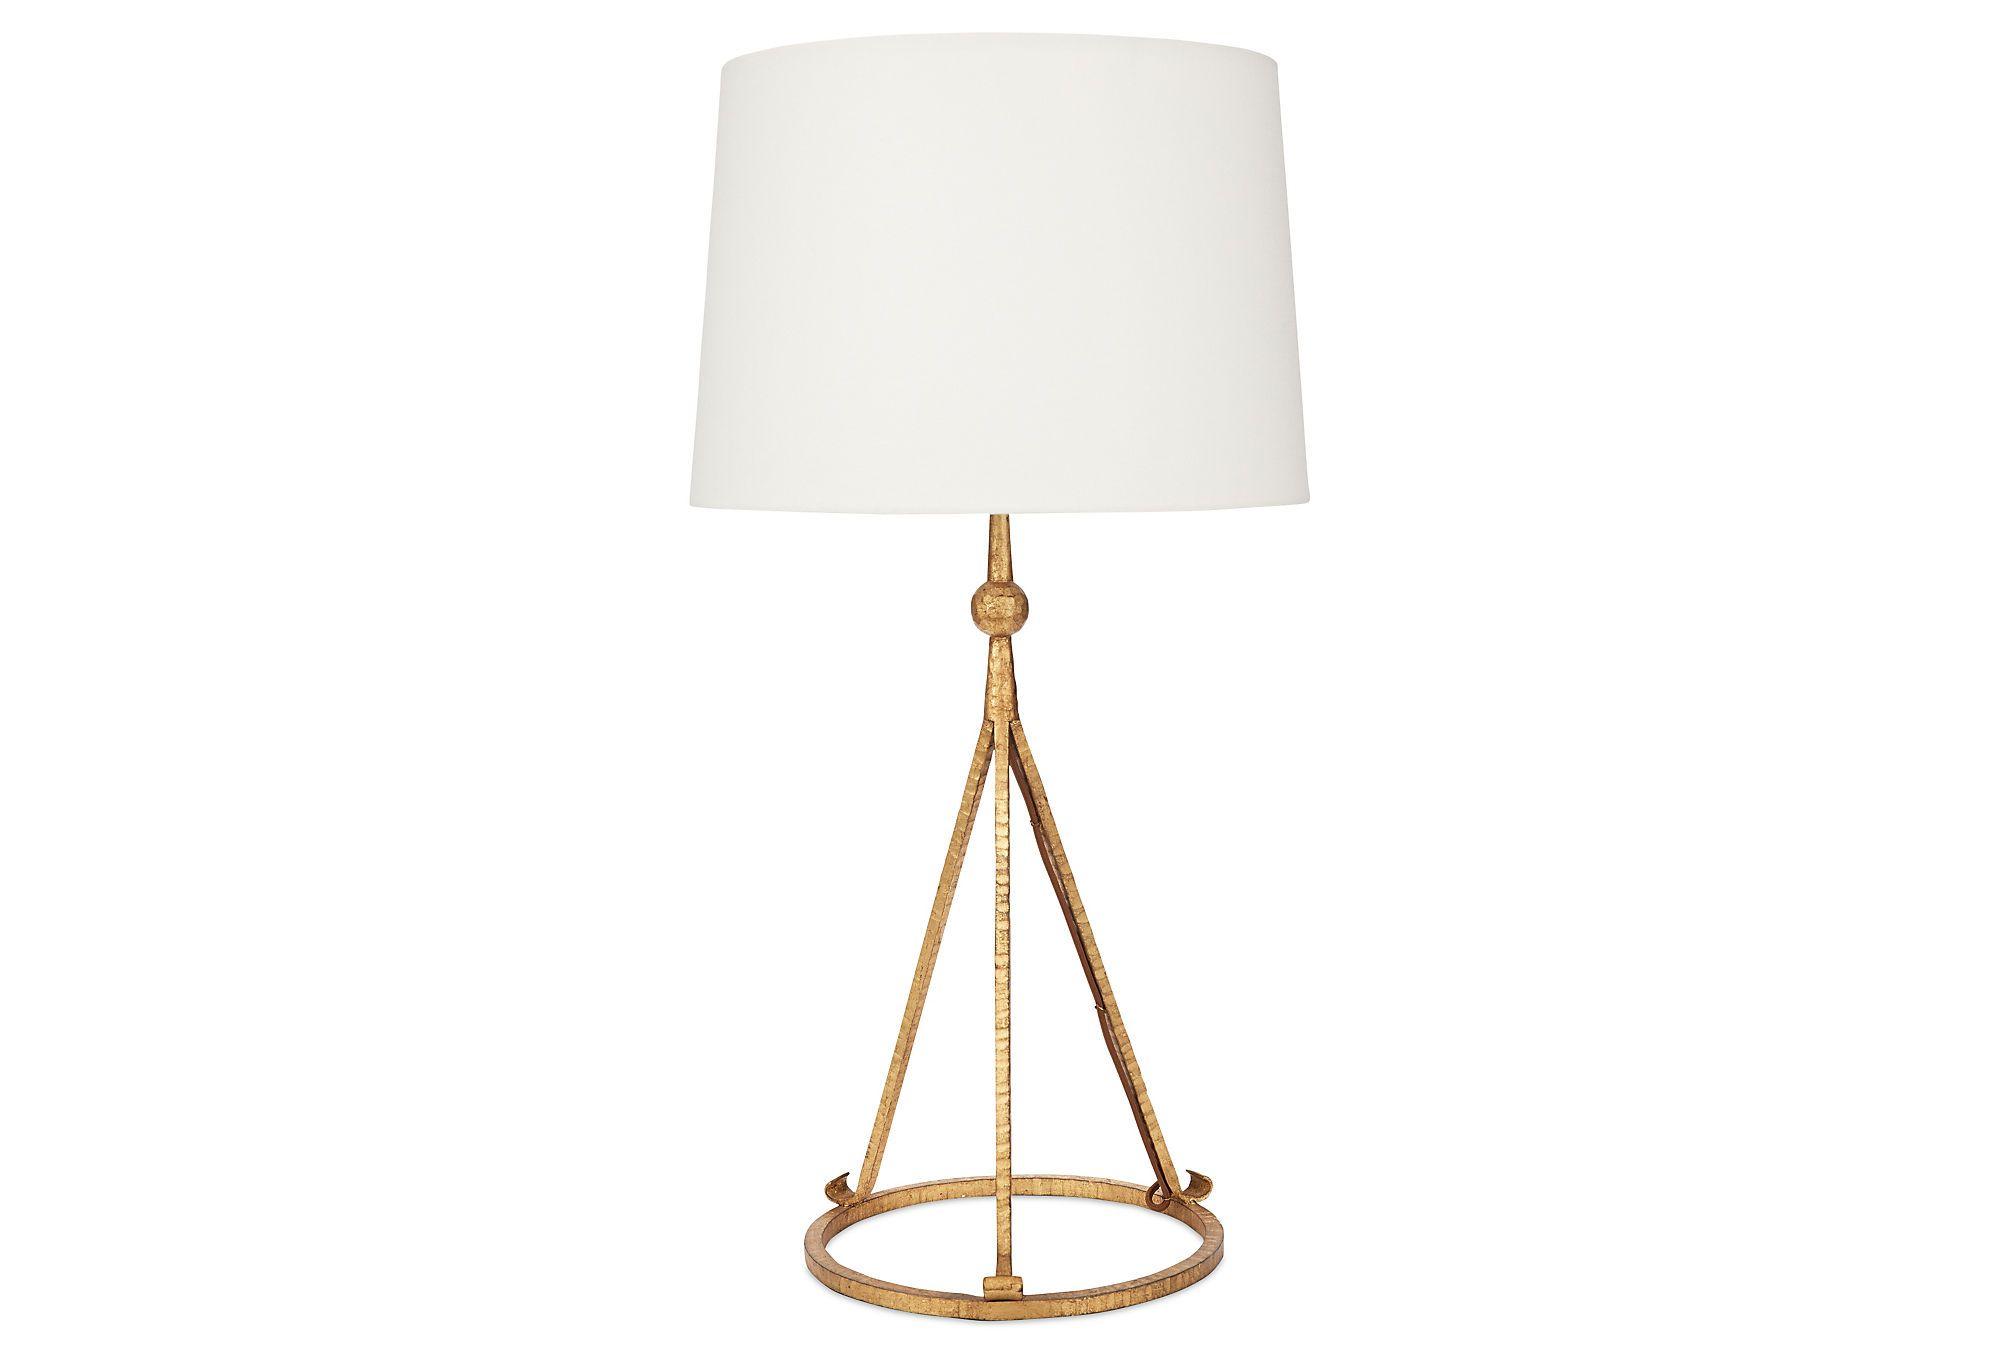 Celia Tripod Table Lamp, Gold One Kings Lane Tripod